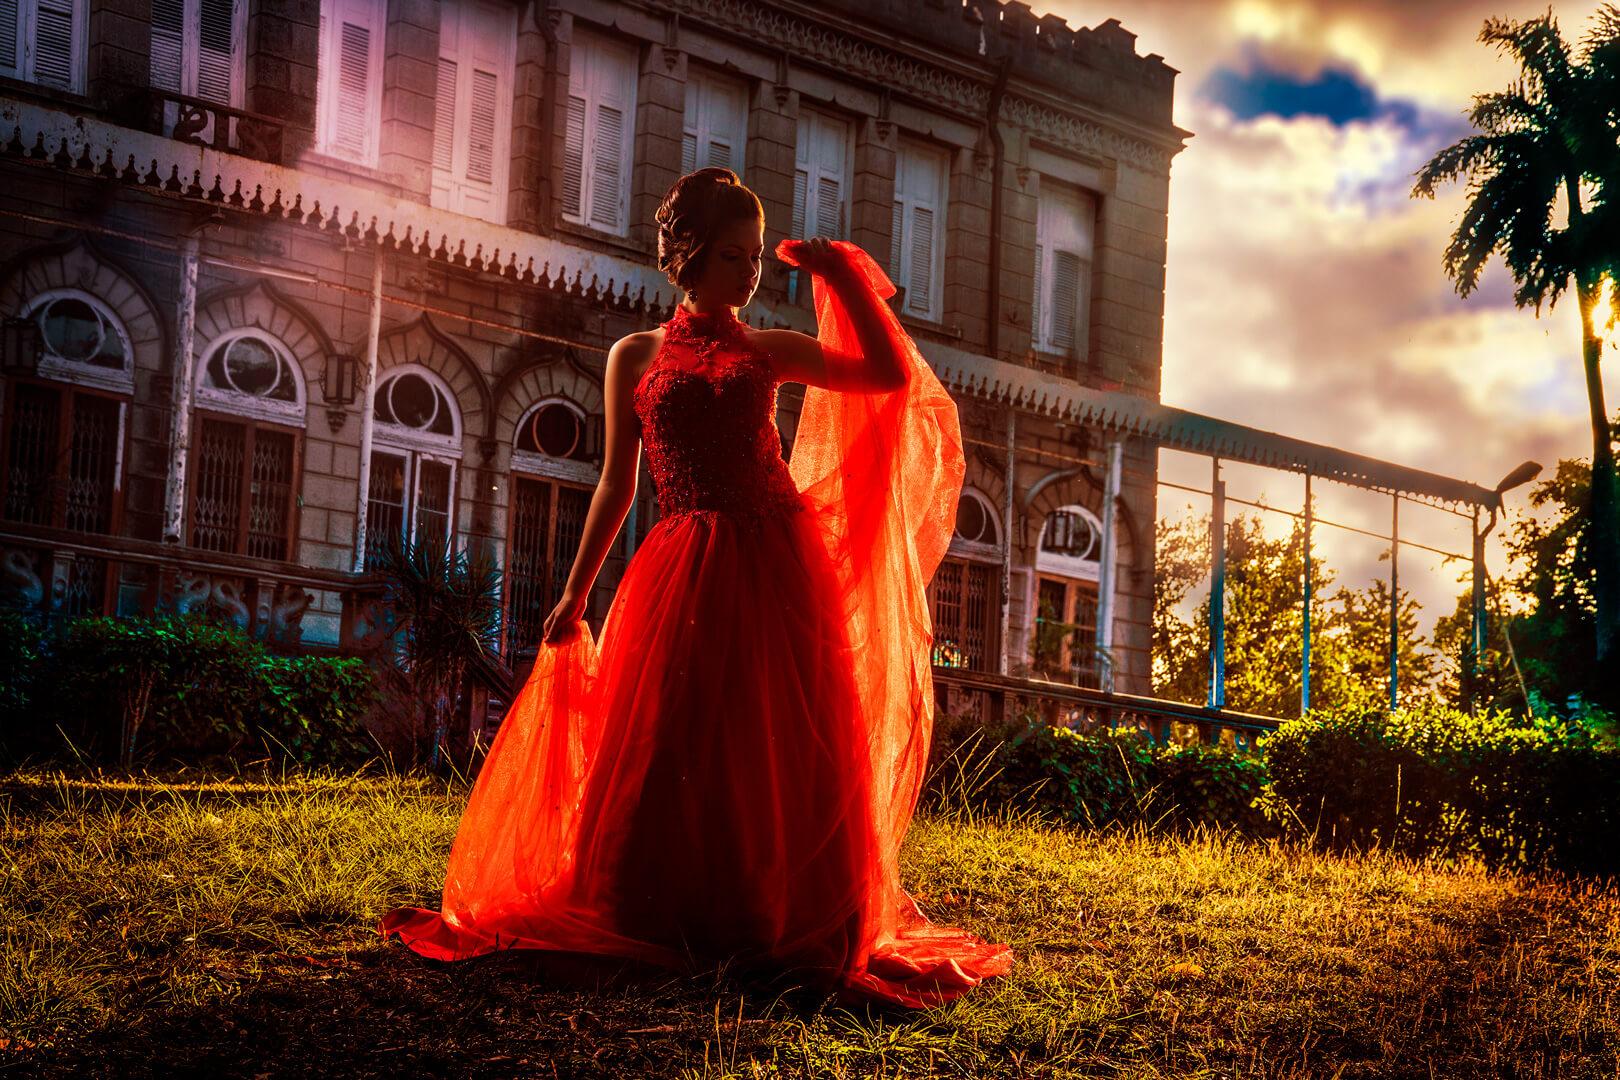 quinceañera posando a contraluz usando un vestido rojo